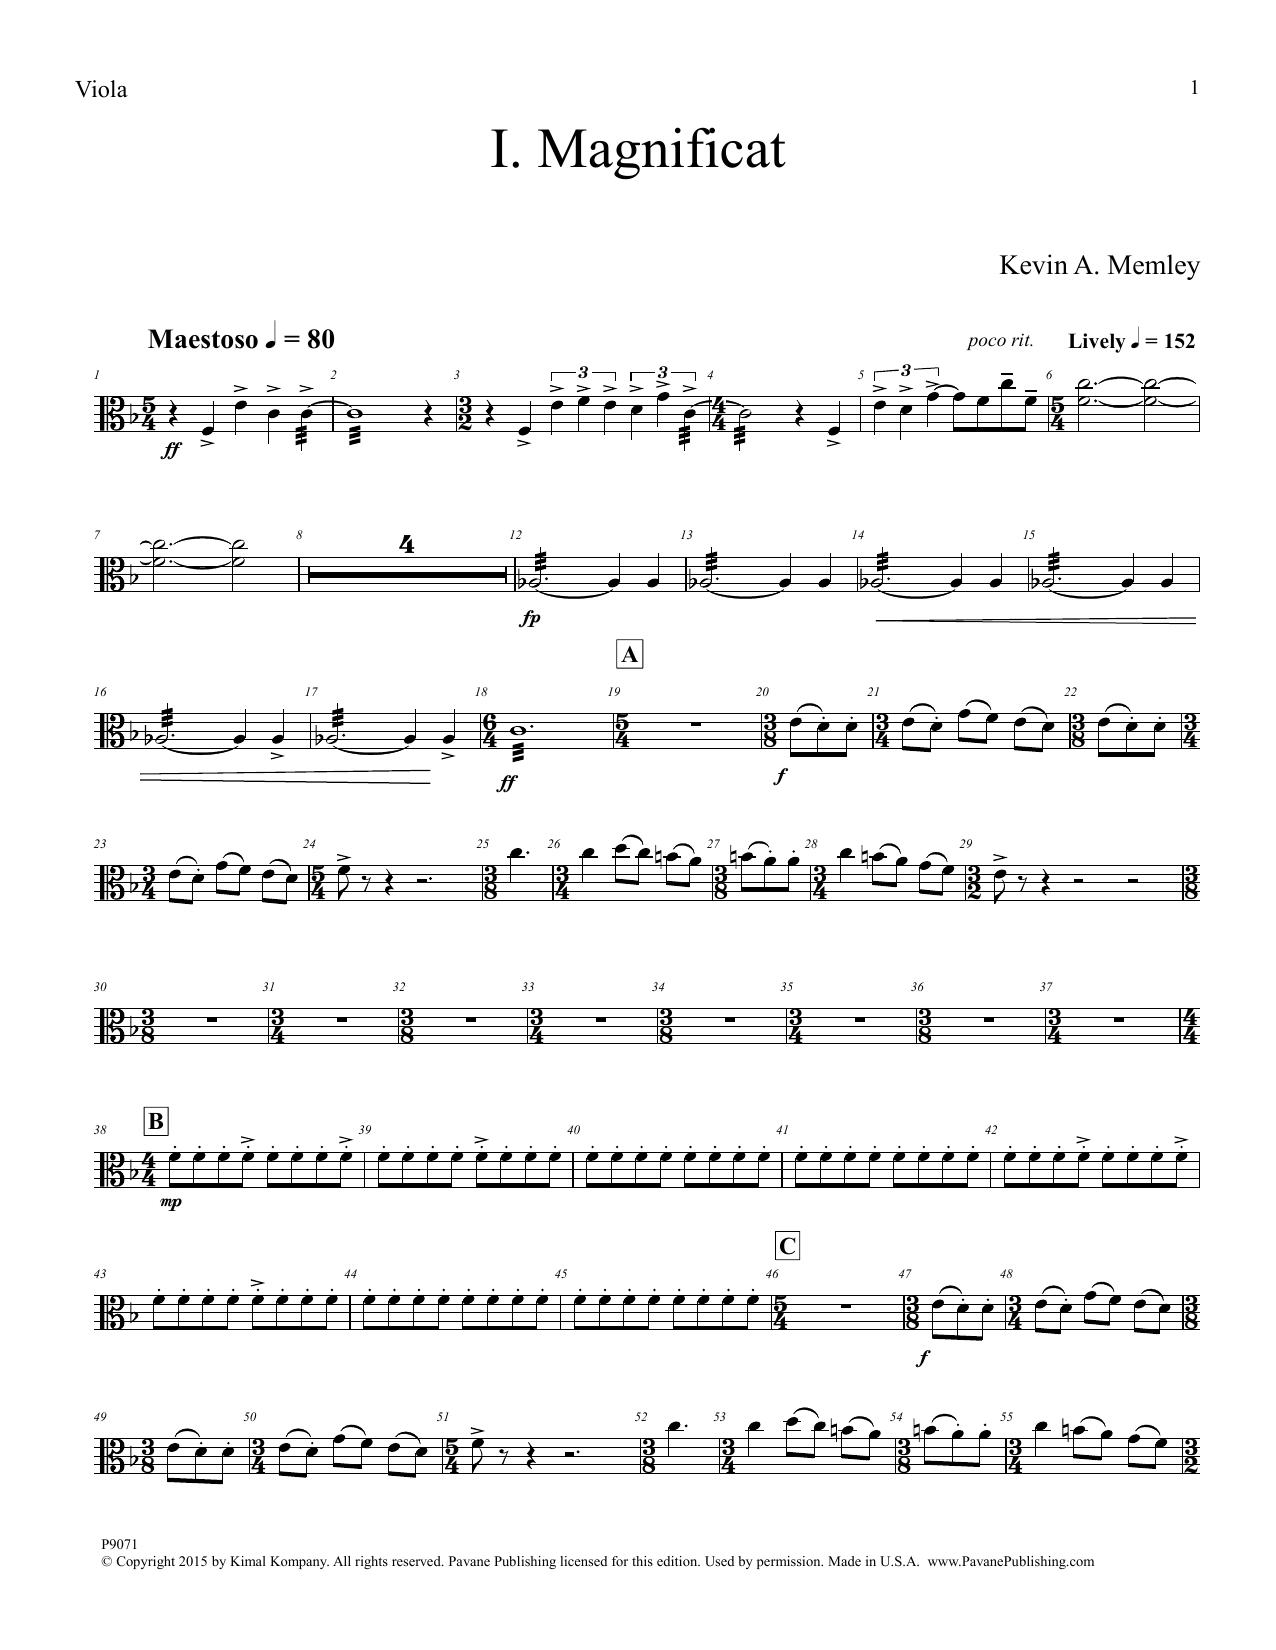 Magnificat - Violin 1